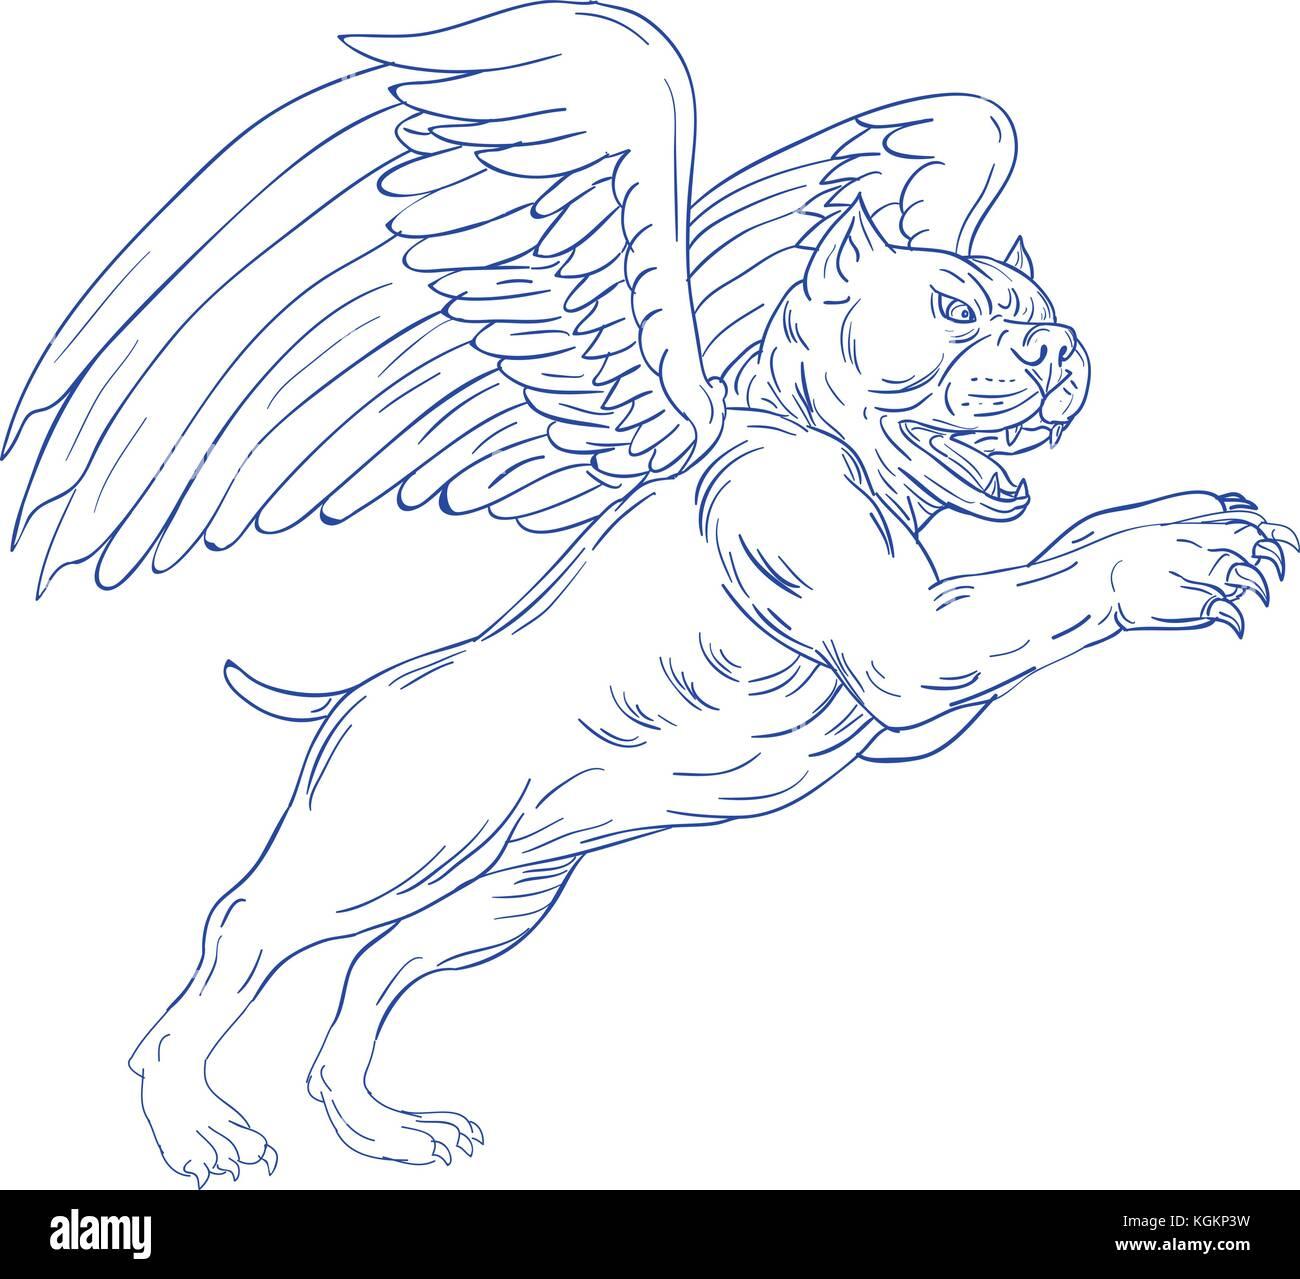 Croquis dessin illustration style de un am ricain bully - Ailes d ange dessin ...